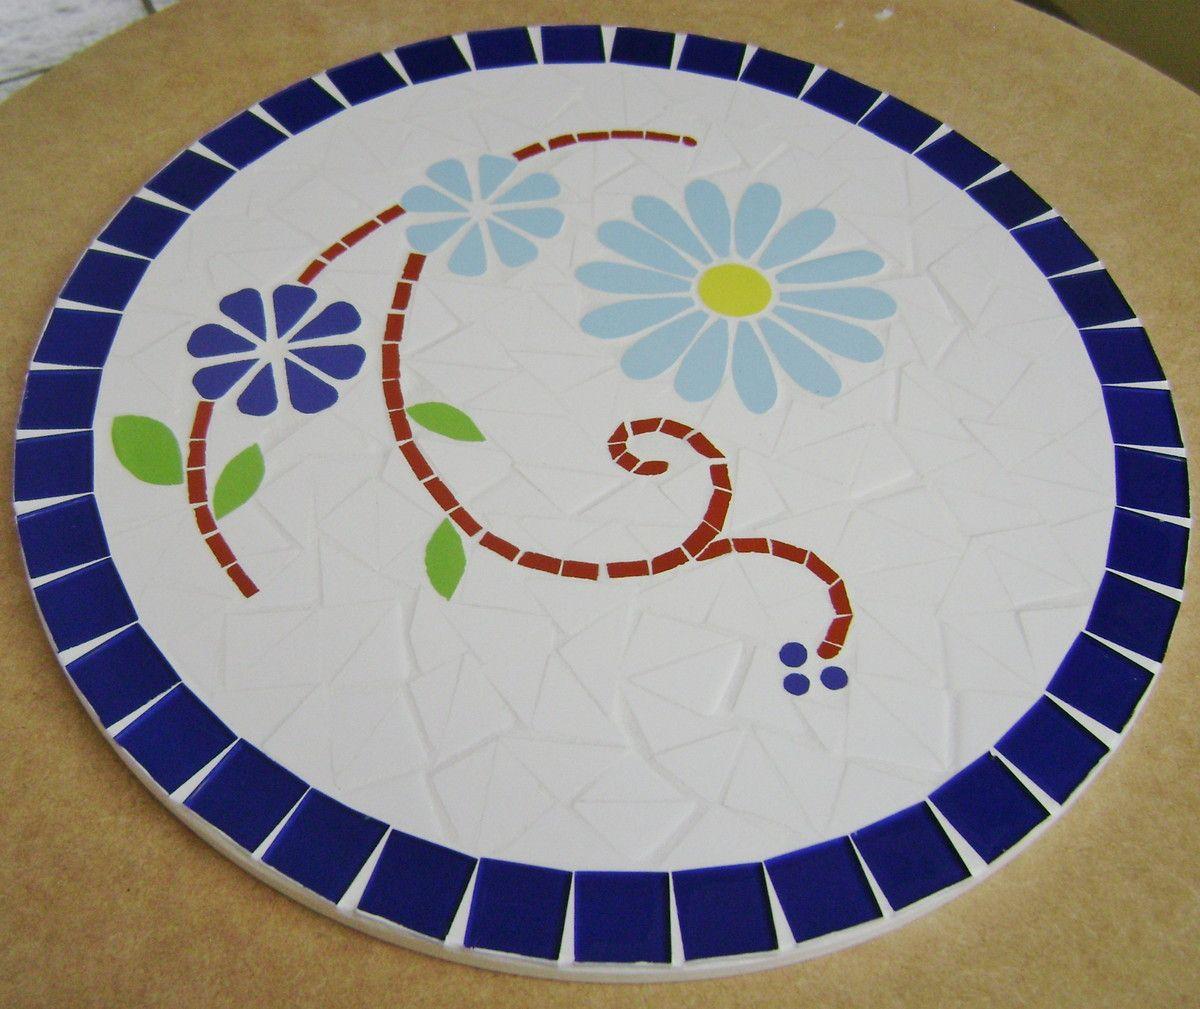 Conjunto com 6 sousplat em placa em MDF revestido em mosaico de pastilha cristal e azulejo a peça mede 30 cm de diamêtro. Confeccionamos sob encomenda com desenho, cores e tamanho personalisados. Solicite orçamento.